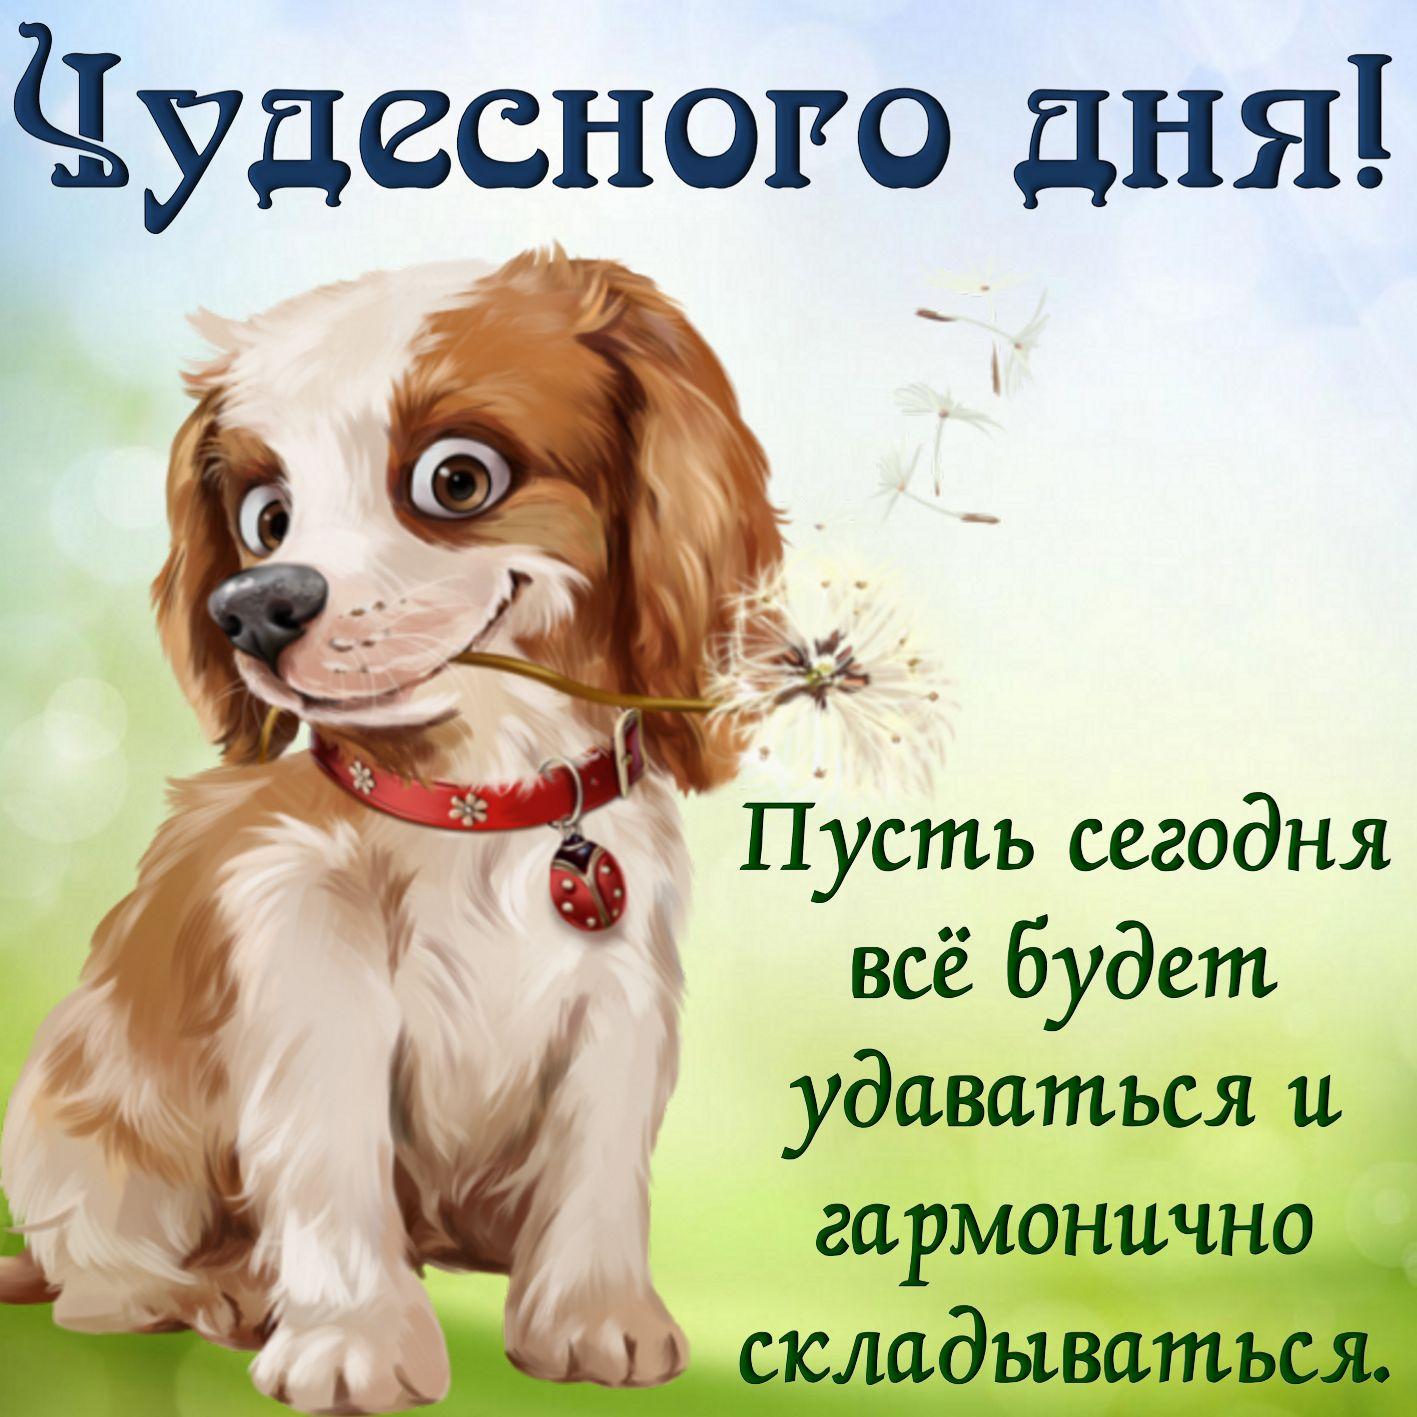 Пожелать хорошего дня подруге открытки